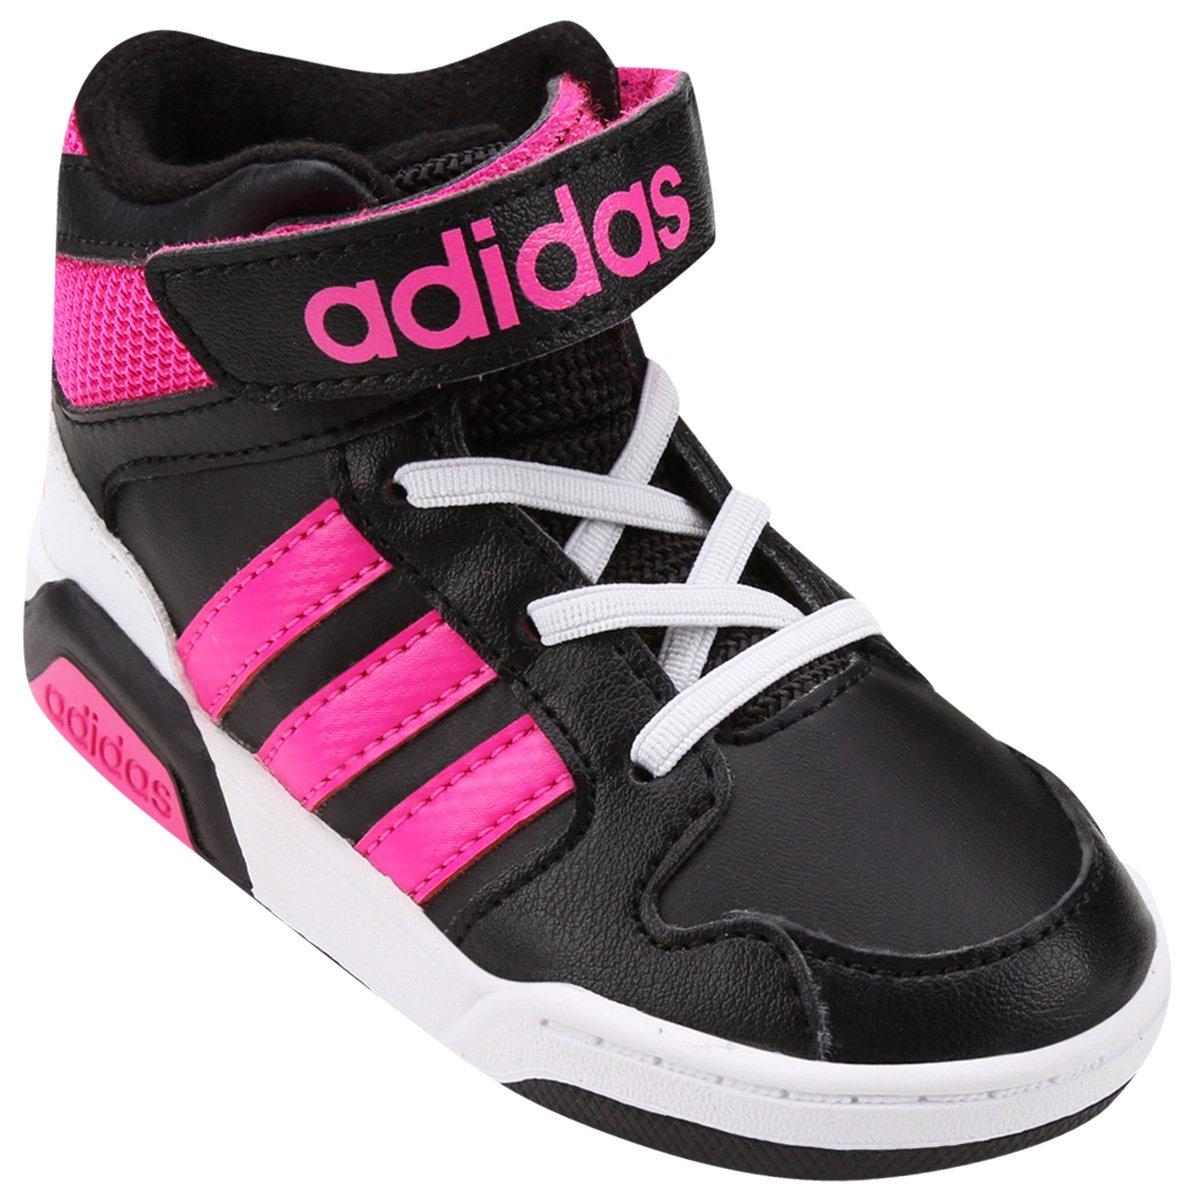 Tênis Adidas Bb9tis Mid Infantil - Compre Agora  628a55cbbd4f5